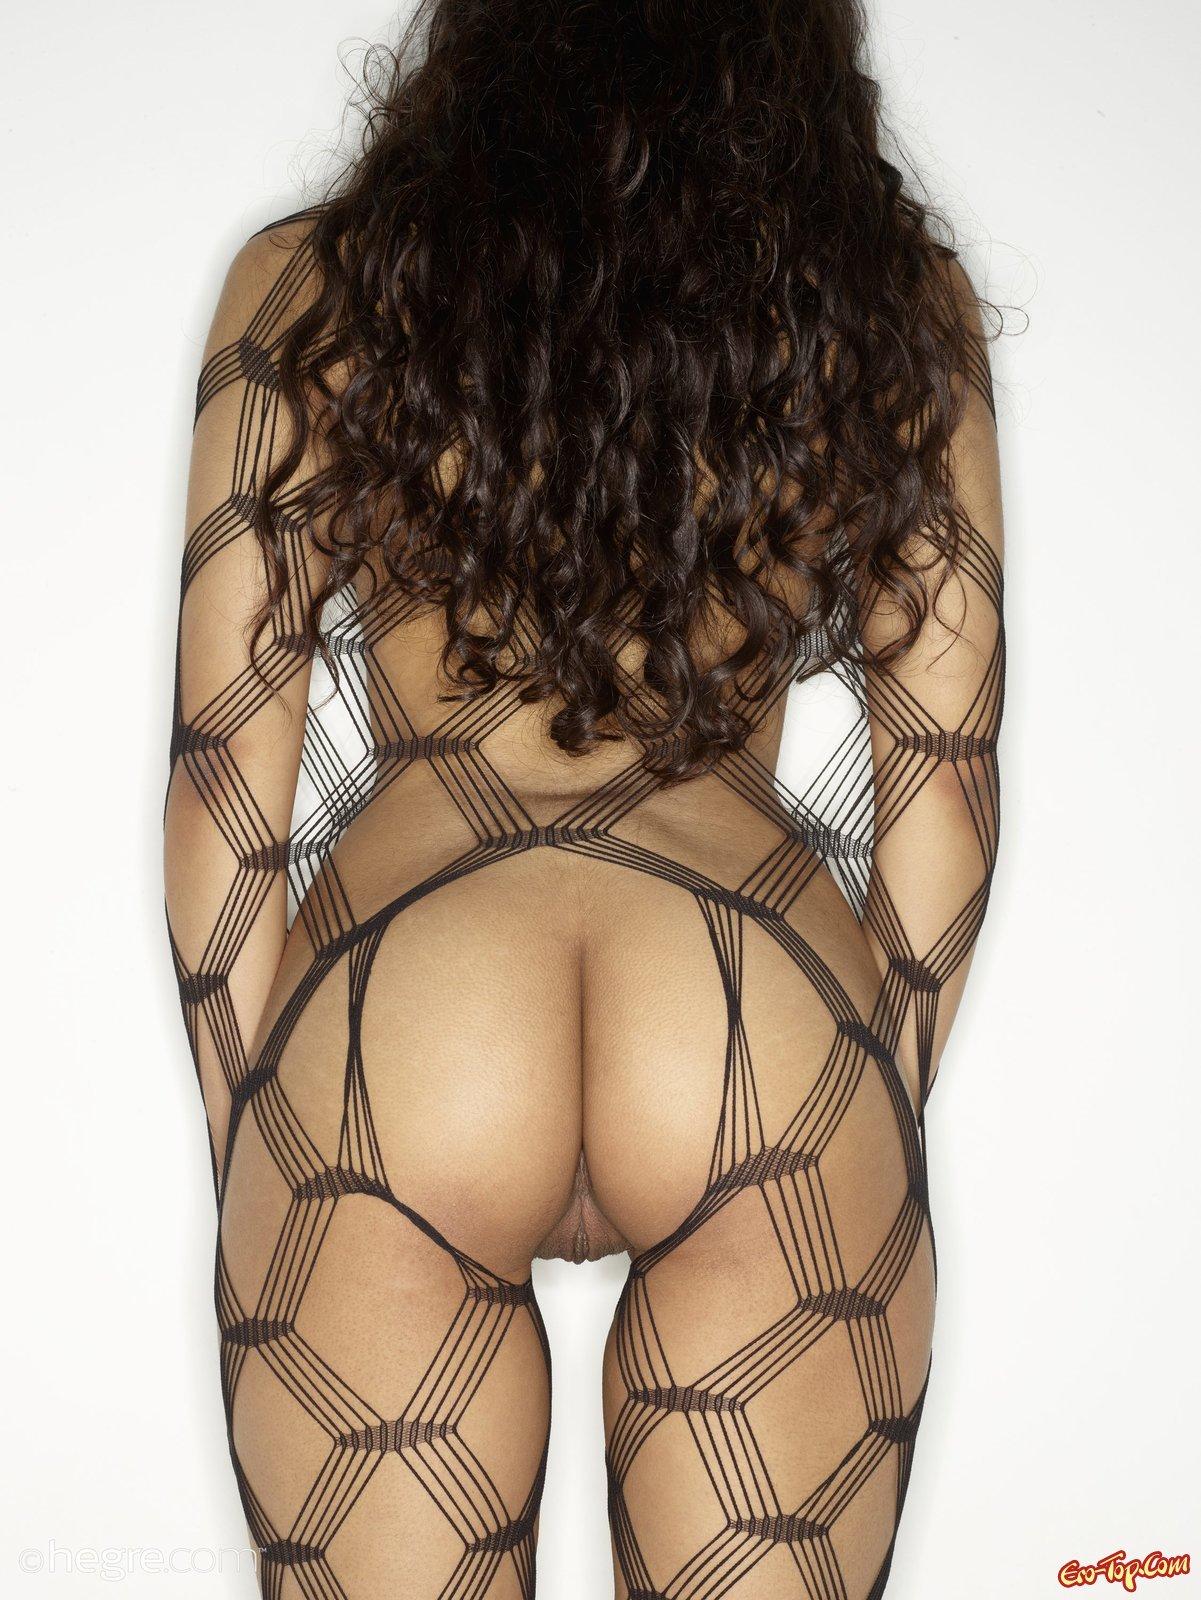 Голая девушка в секс костюме в сеточку